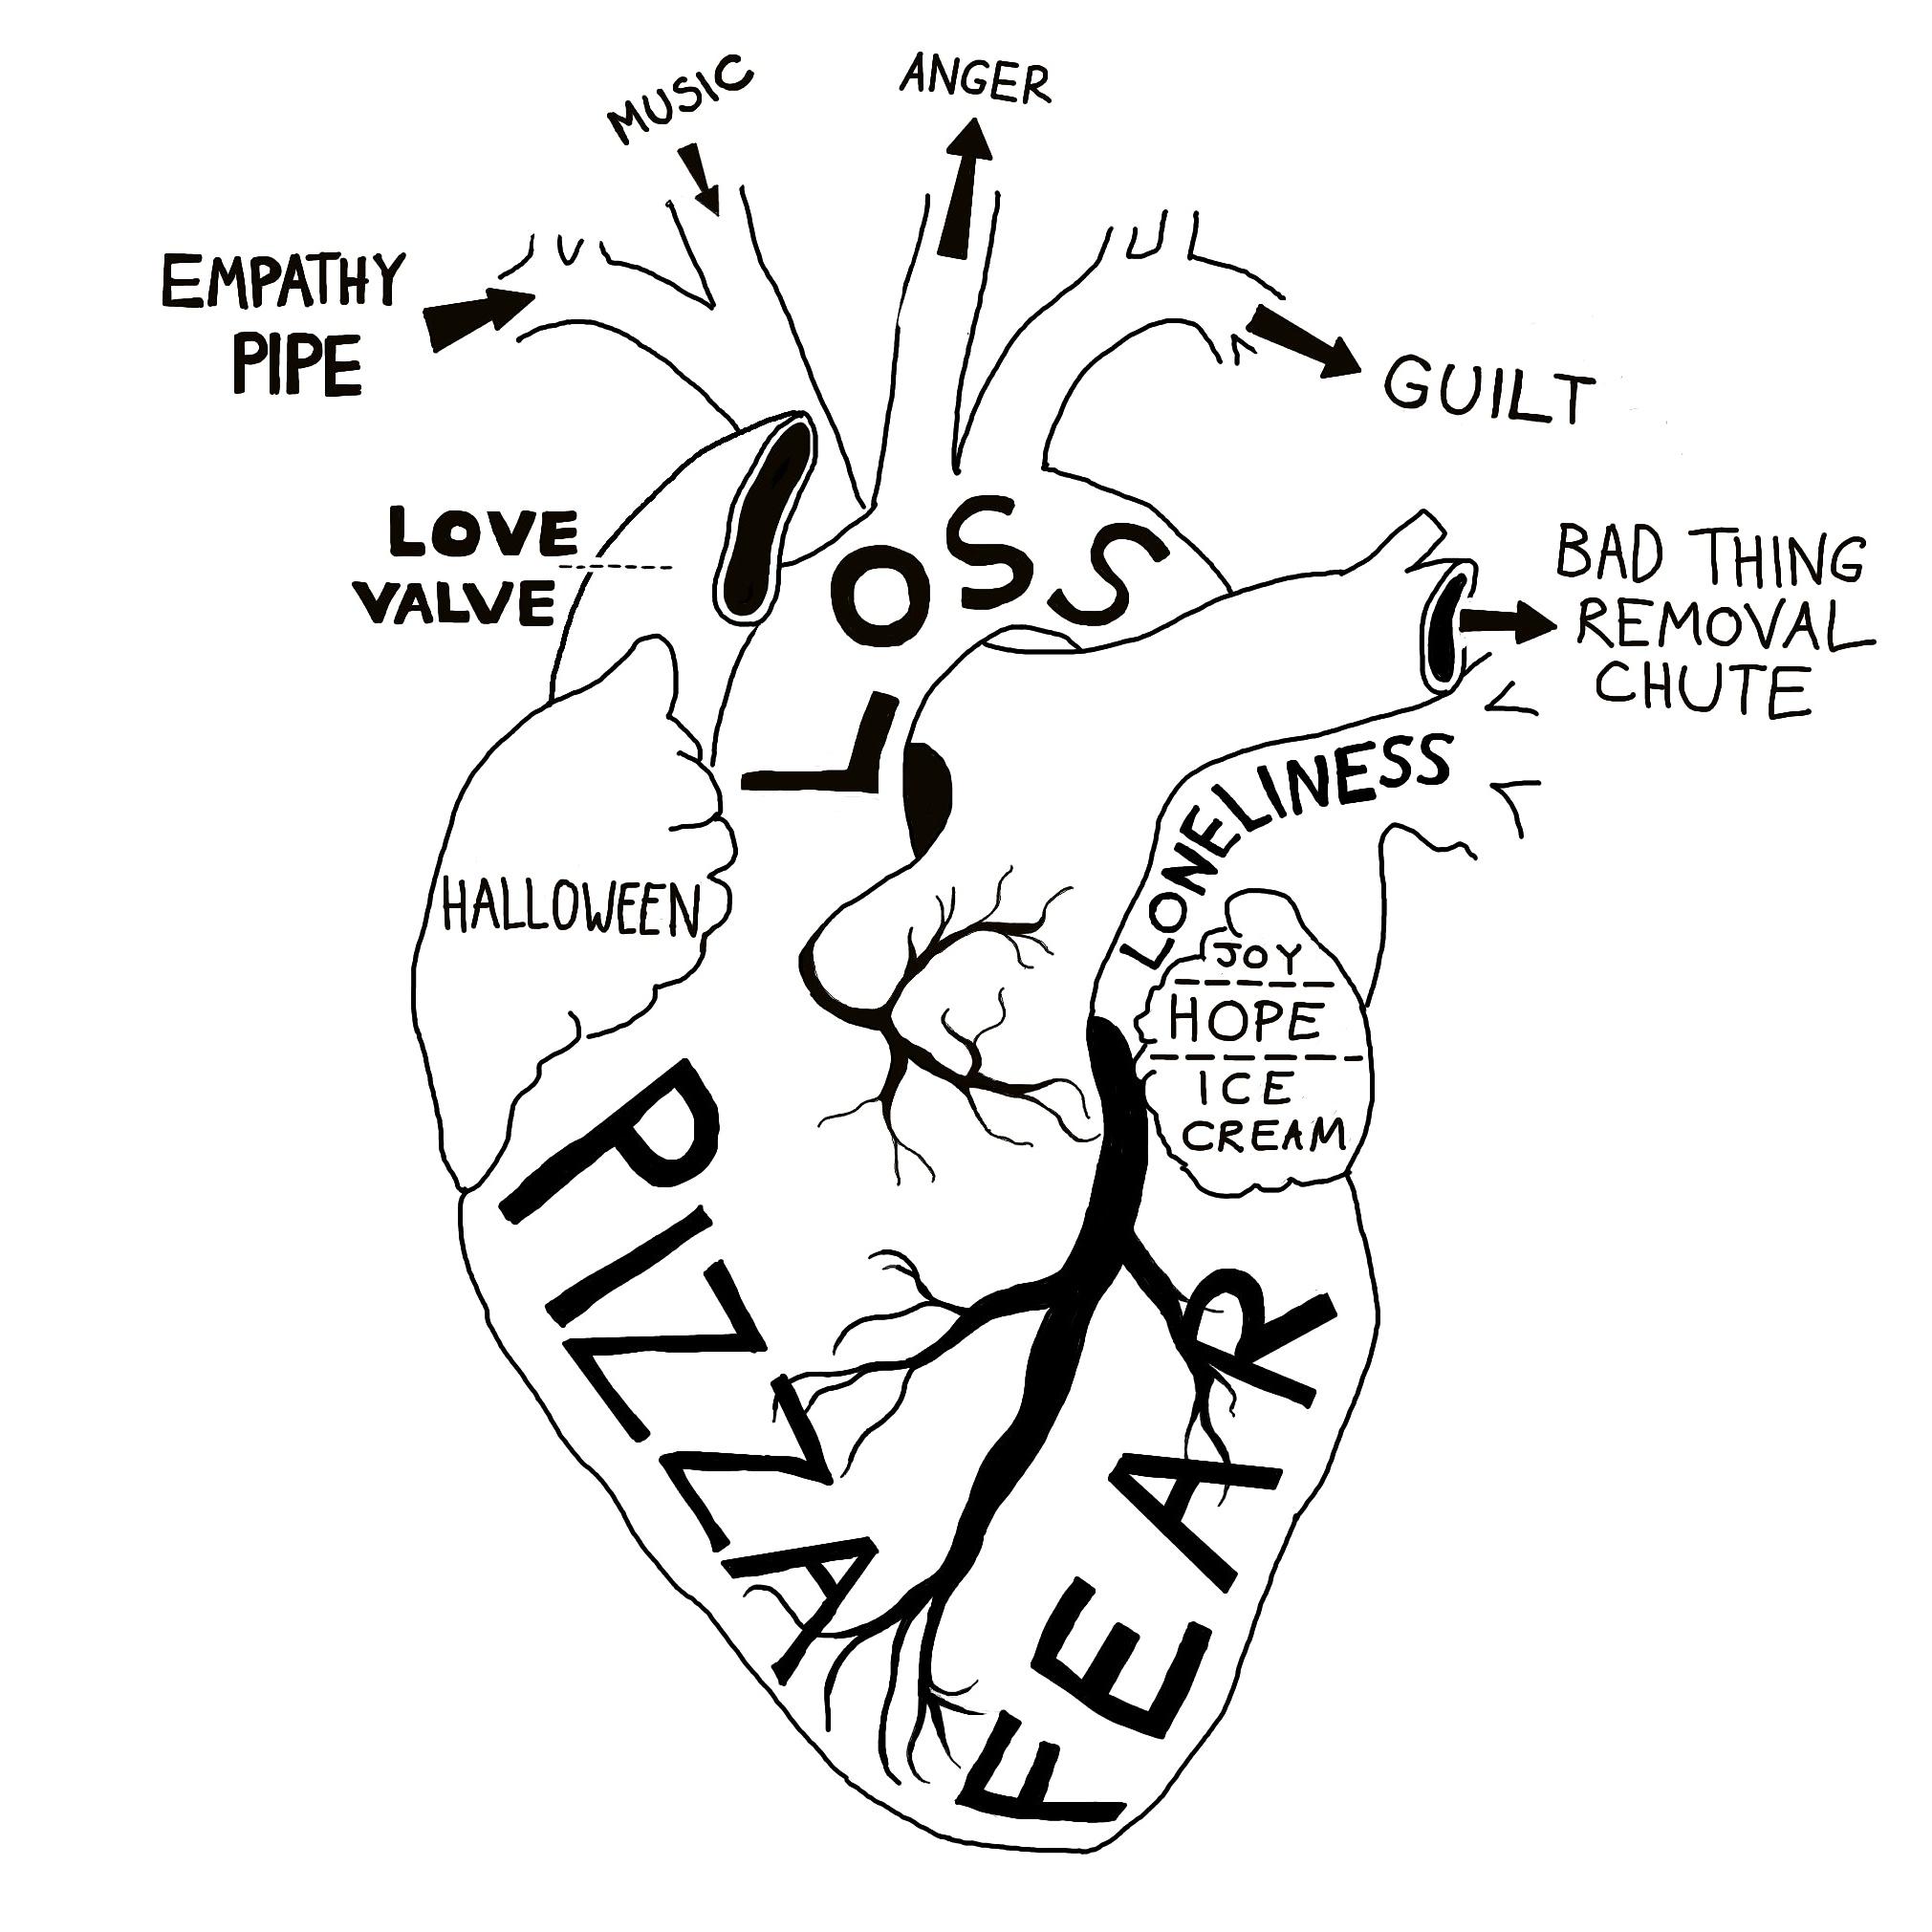 Heart Anatomical Drawing At Getdrawings